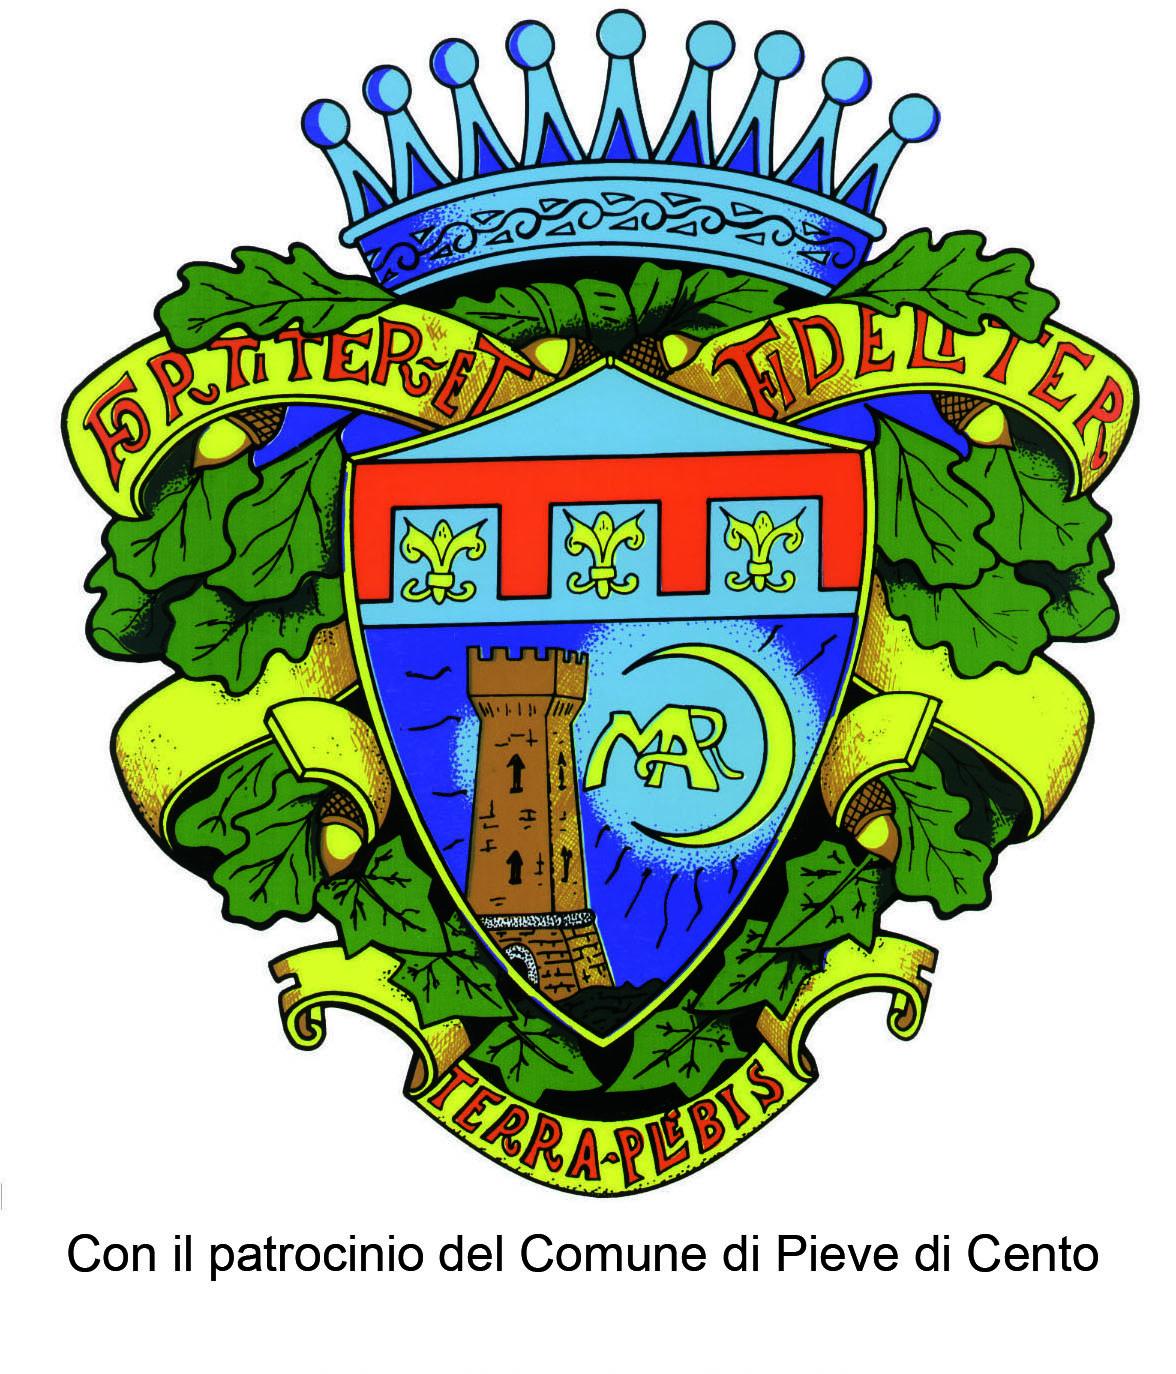 logo comune pieve con scritta ritagliato copia